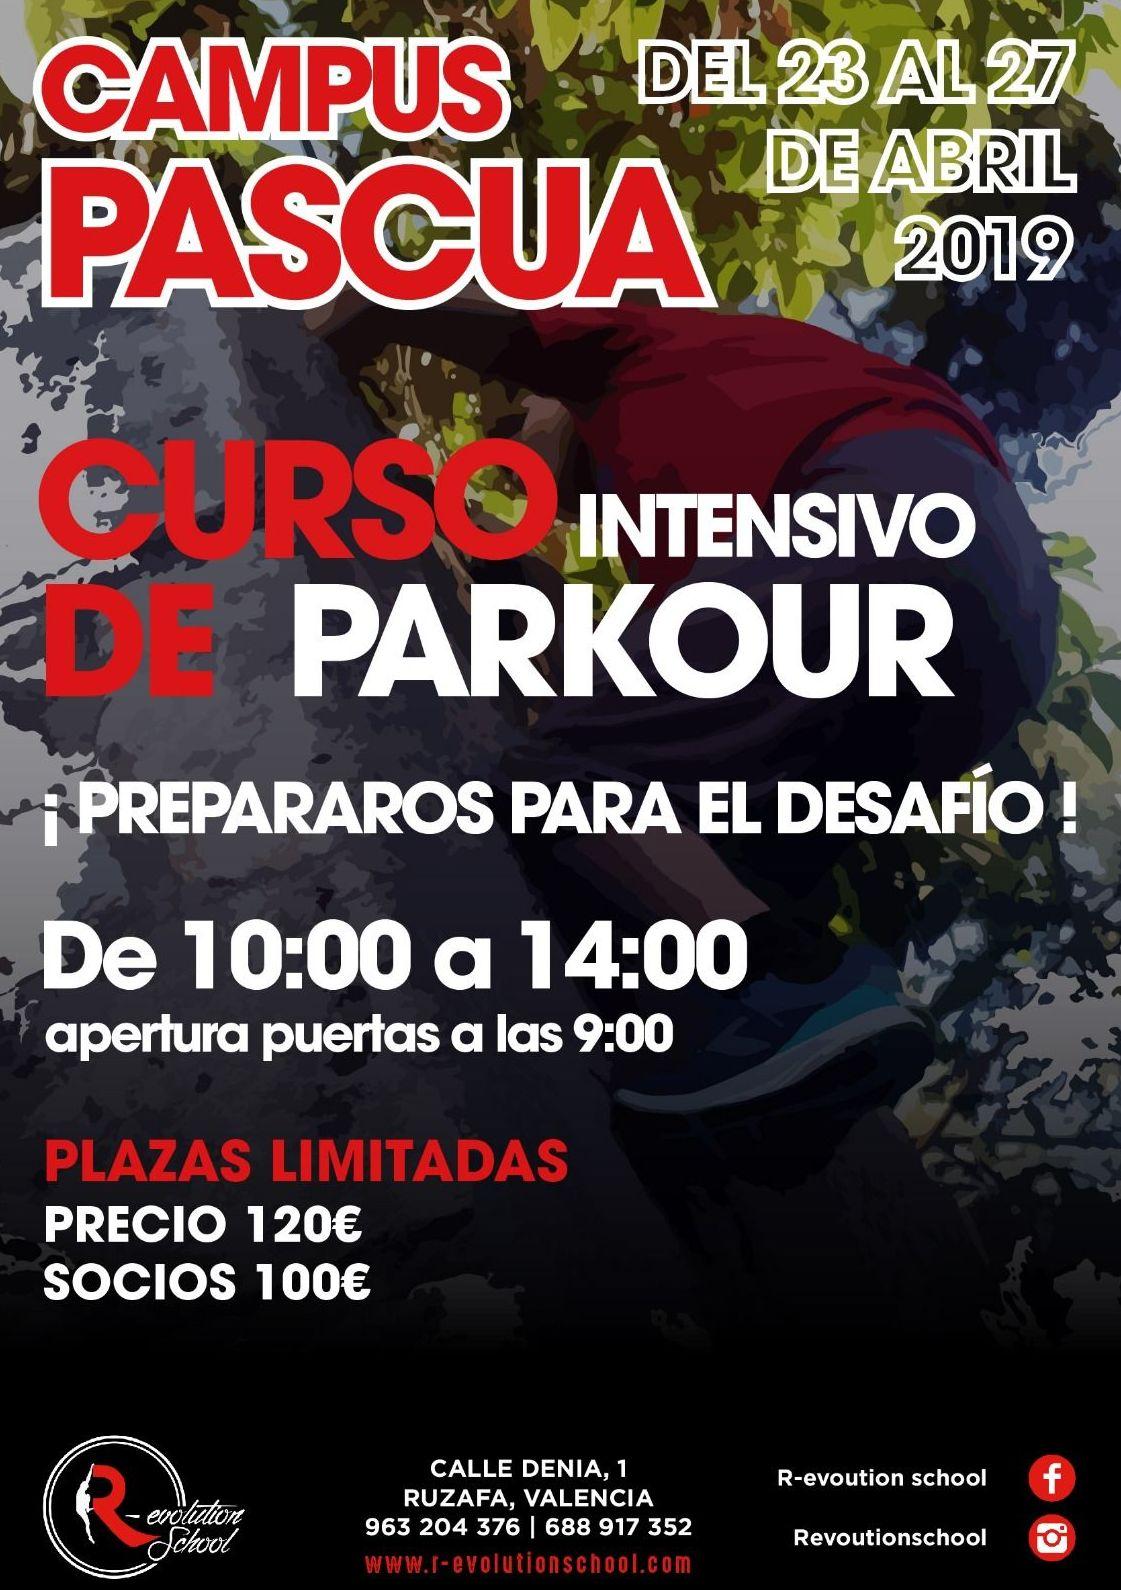 CURSO INTENSIVO DE PASCUA